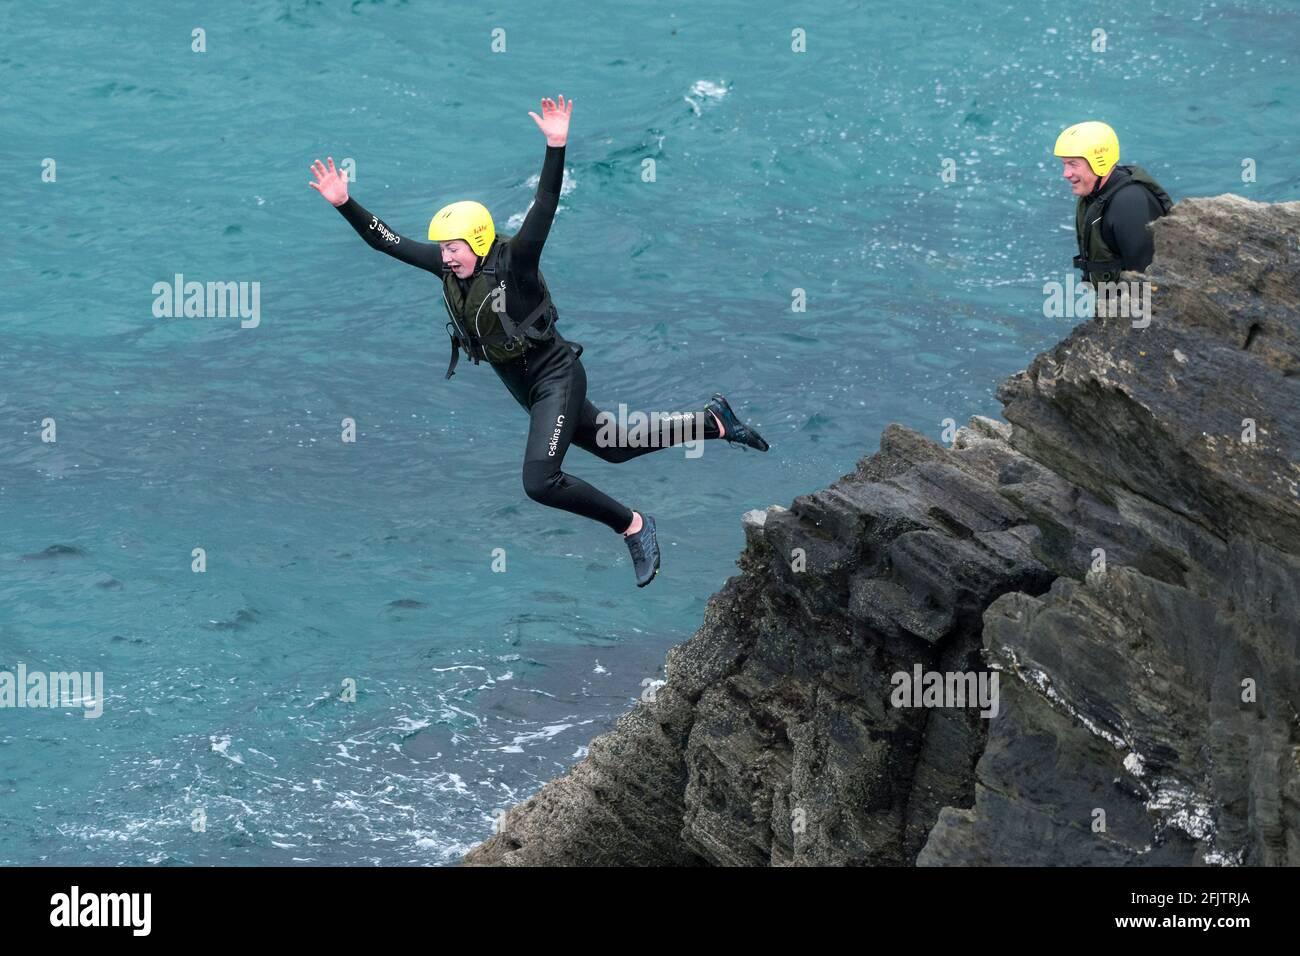 Un jeune vacanciers sautant dans la mer depuis les rochers lors d'un voyage en bateau autour de Towan Head à Newquay, en Cornouailles. Banque D'Images